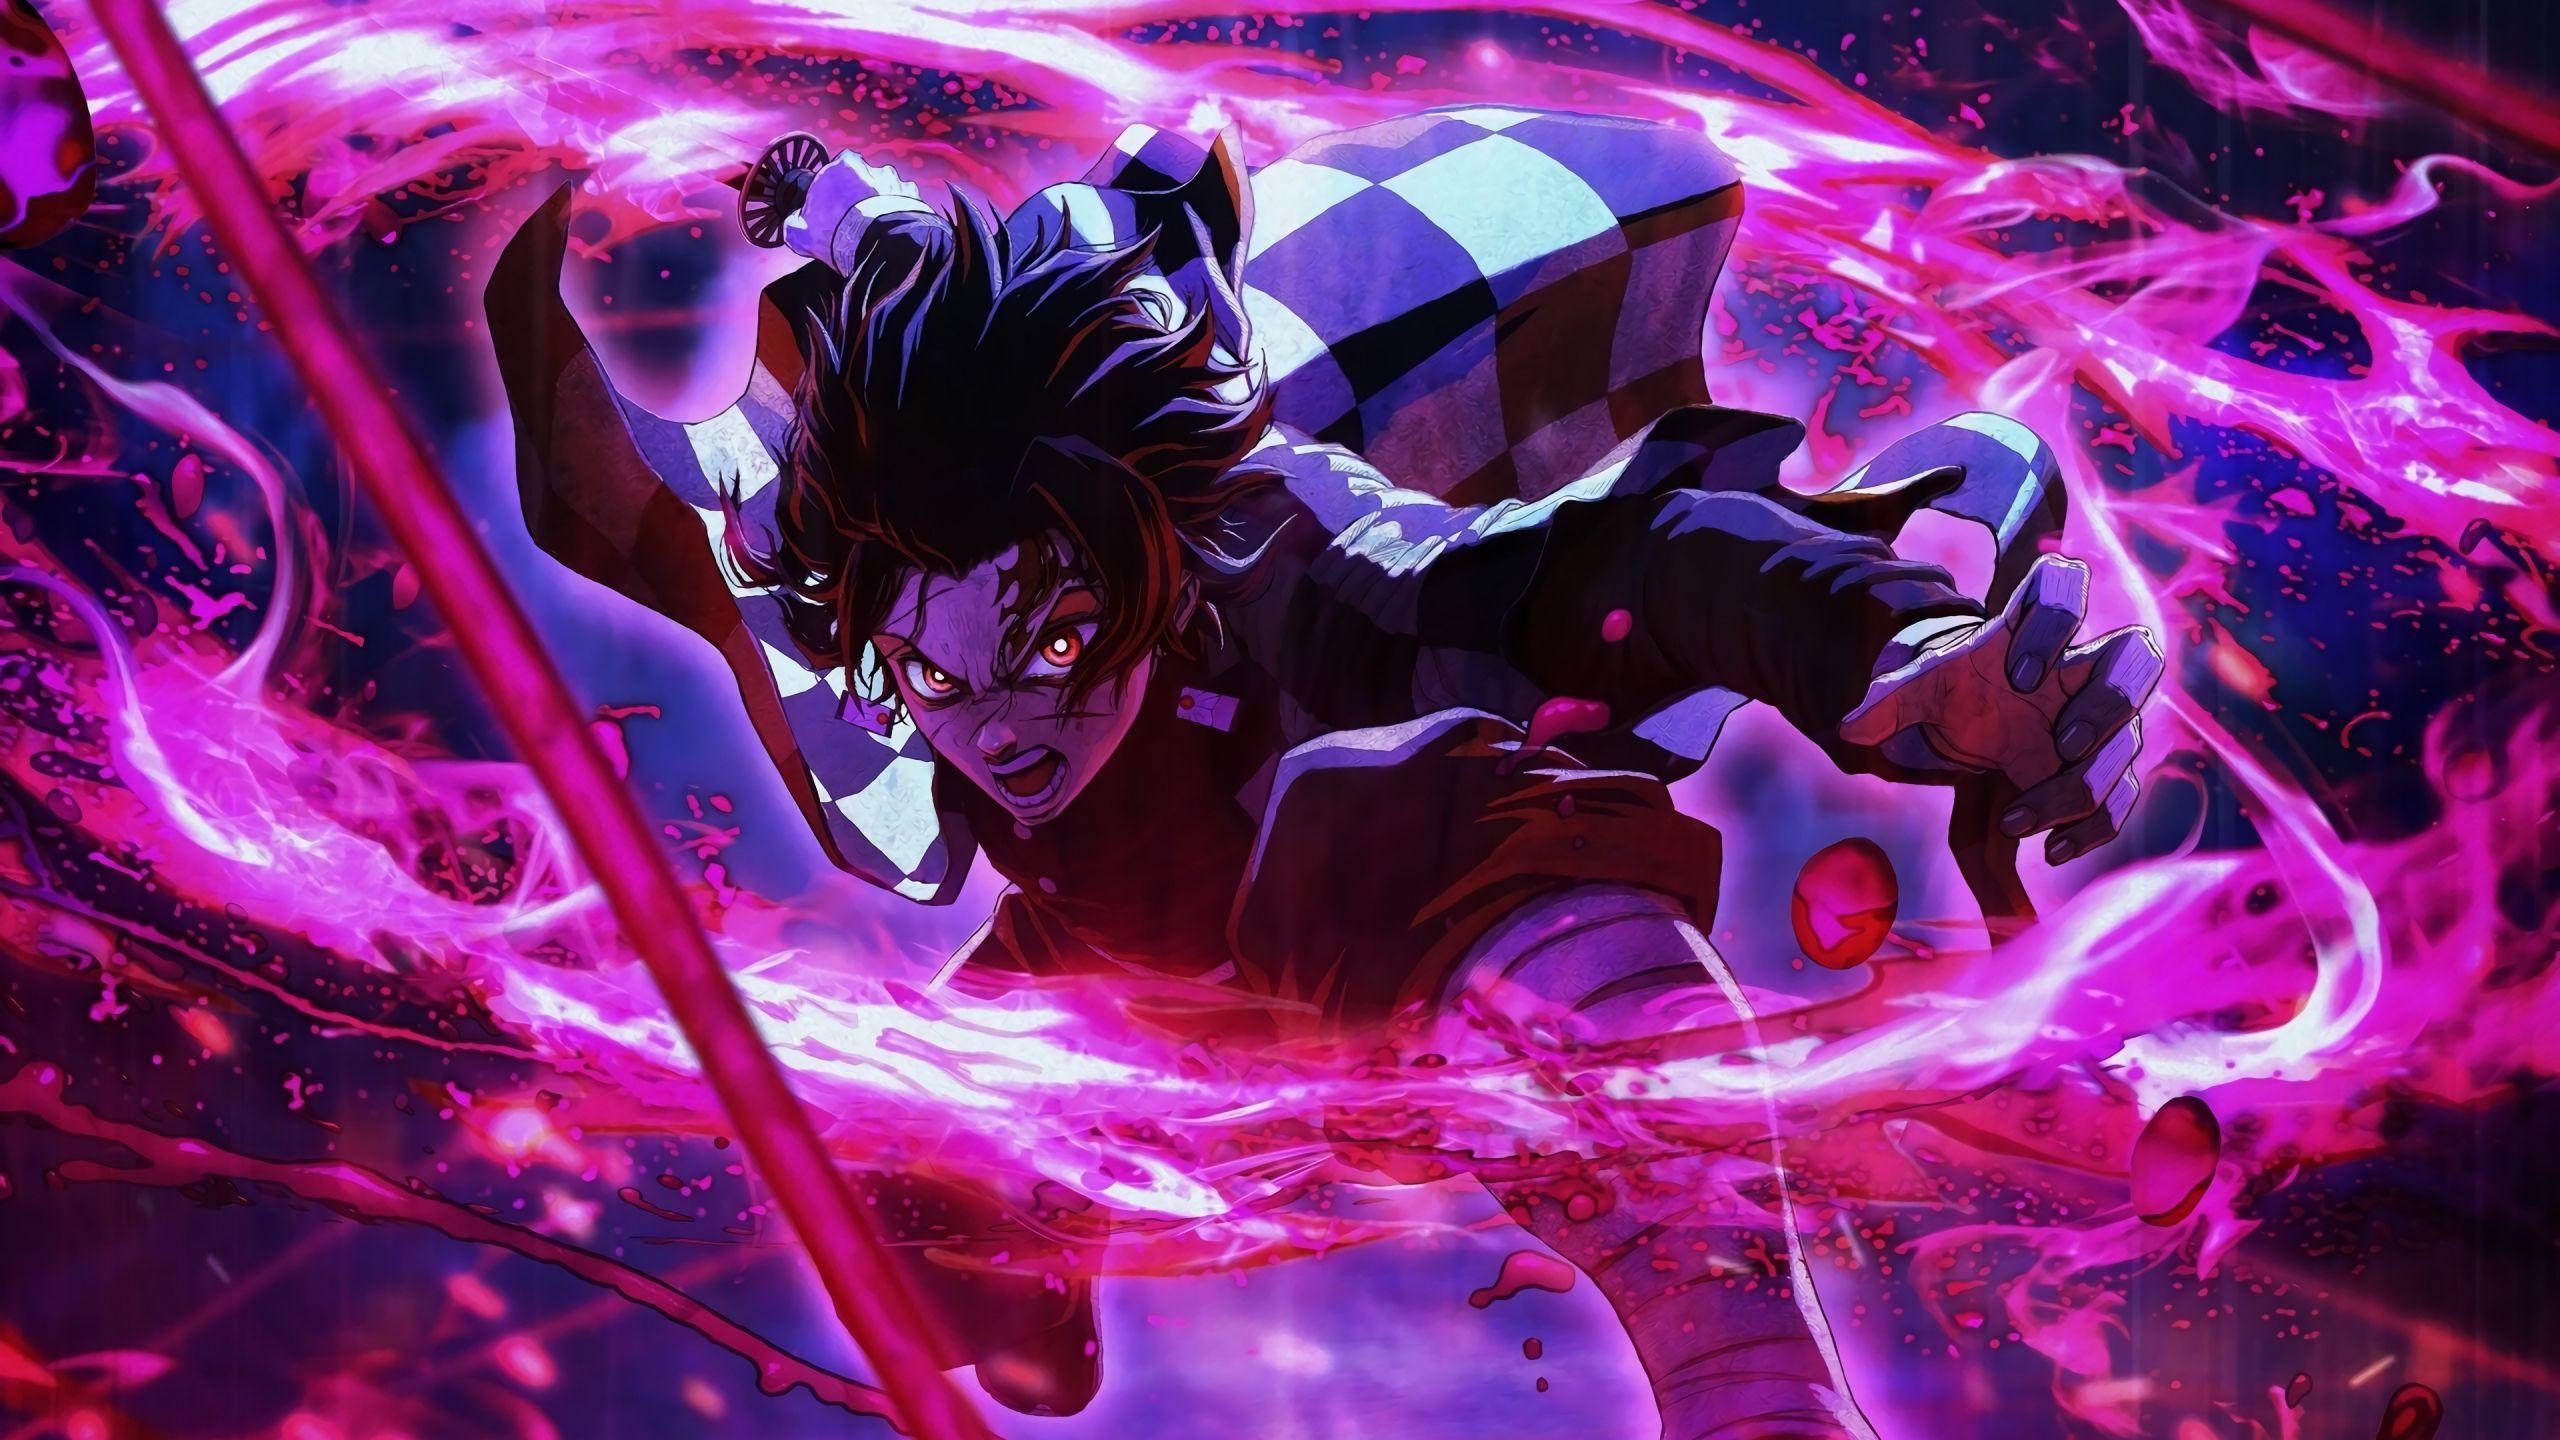 Badass Anime Wallpaper Hd